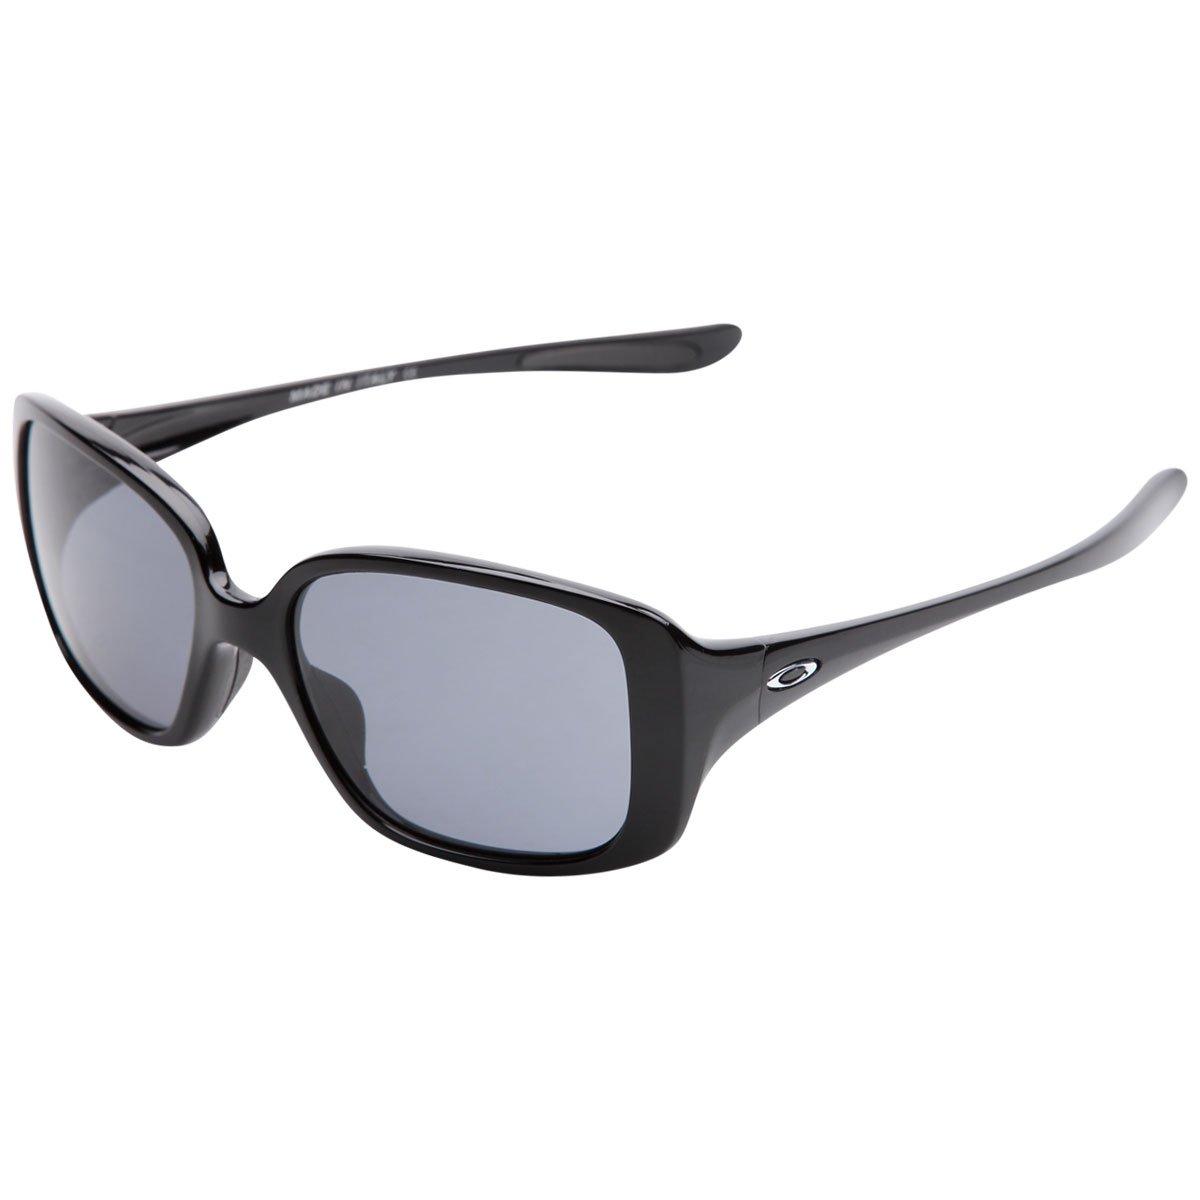 e2be45a12fd40 Óculos Oakley LBD - Compre Agora   Netshoes